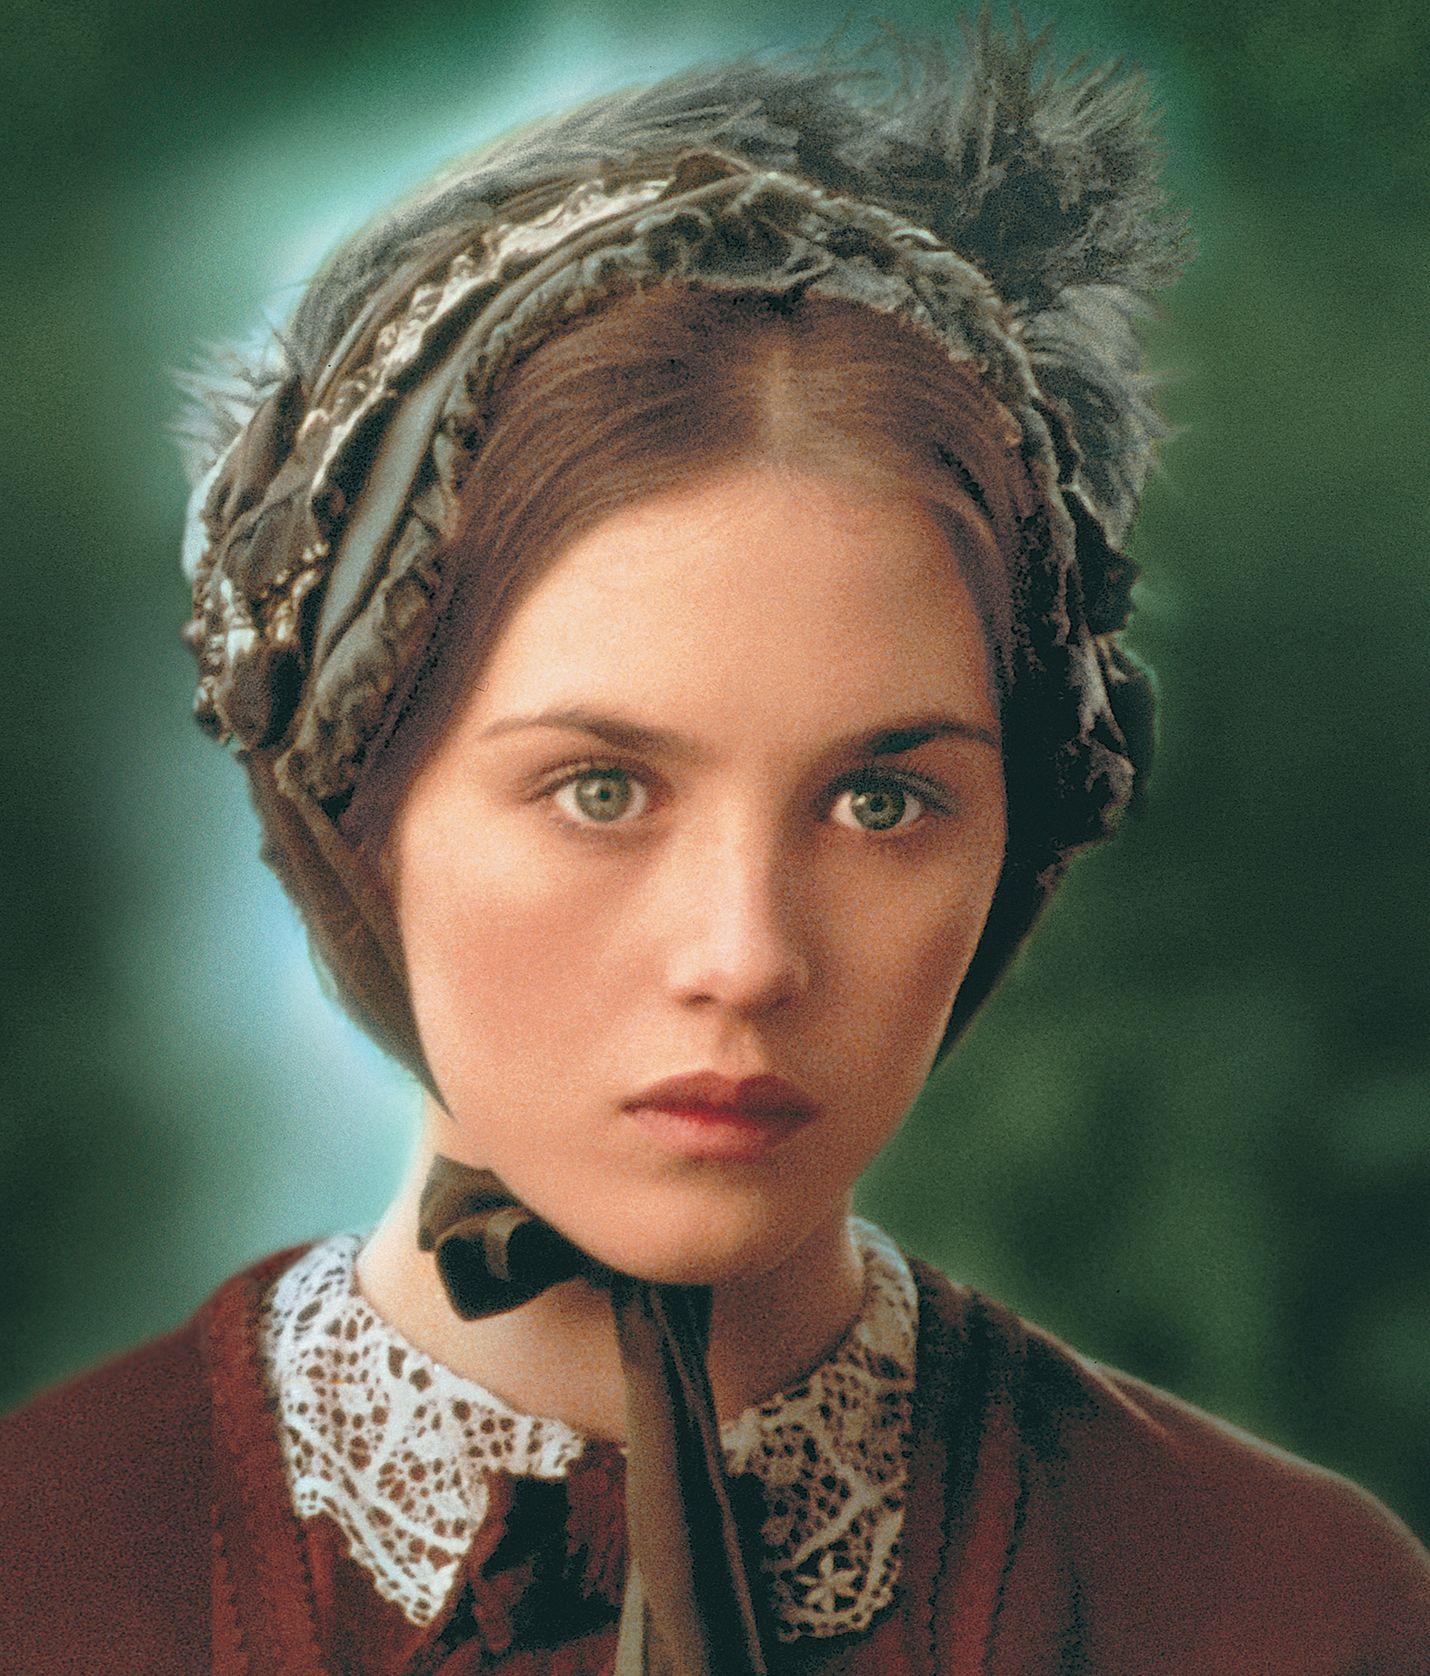 Adèlen tarina on surullisen kaunis, synkän romanttinen kertomus hullusta rakkaudesta, joka vie kirjailija Victor Hugon tyttären maailman ääriin vastakaiuttoman rakkauden perässä.